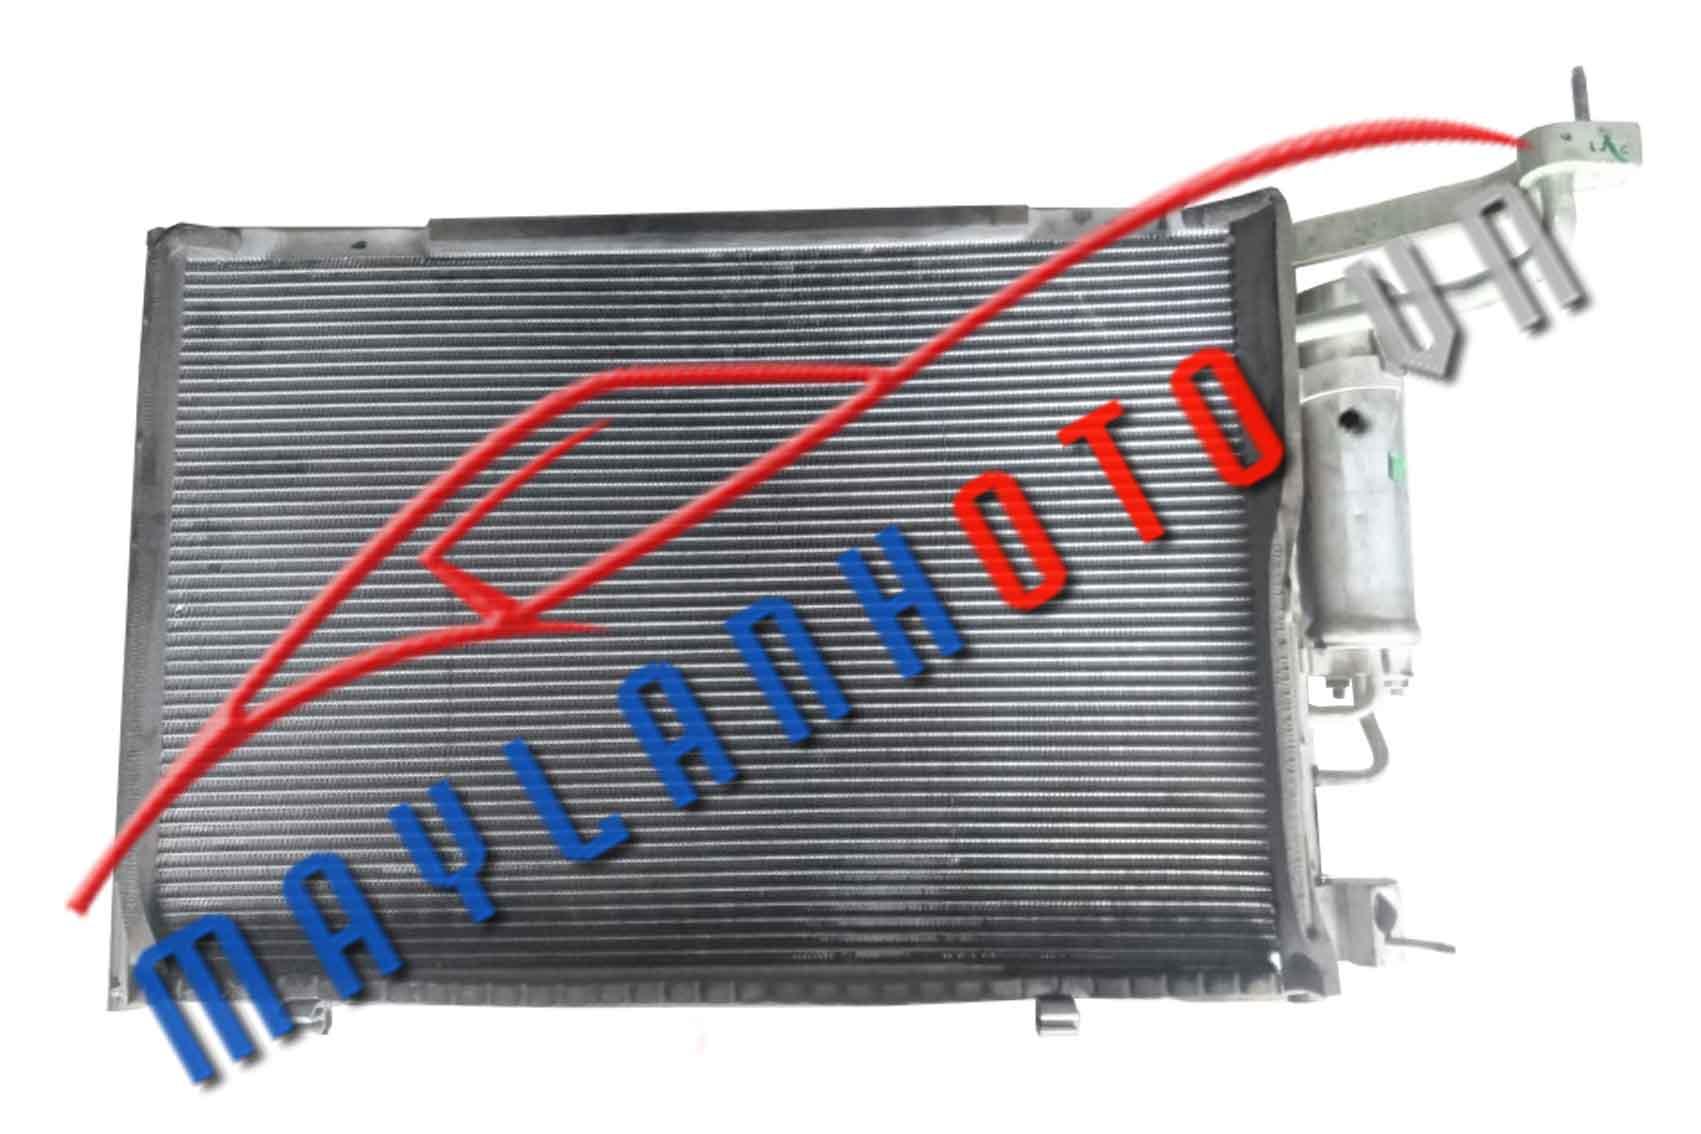 Ecosport / Dàn nóng điều hòa Ford Ecosport/ Giàn nóng điều hòa Ford Ecosport